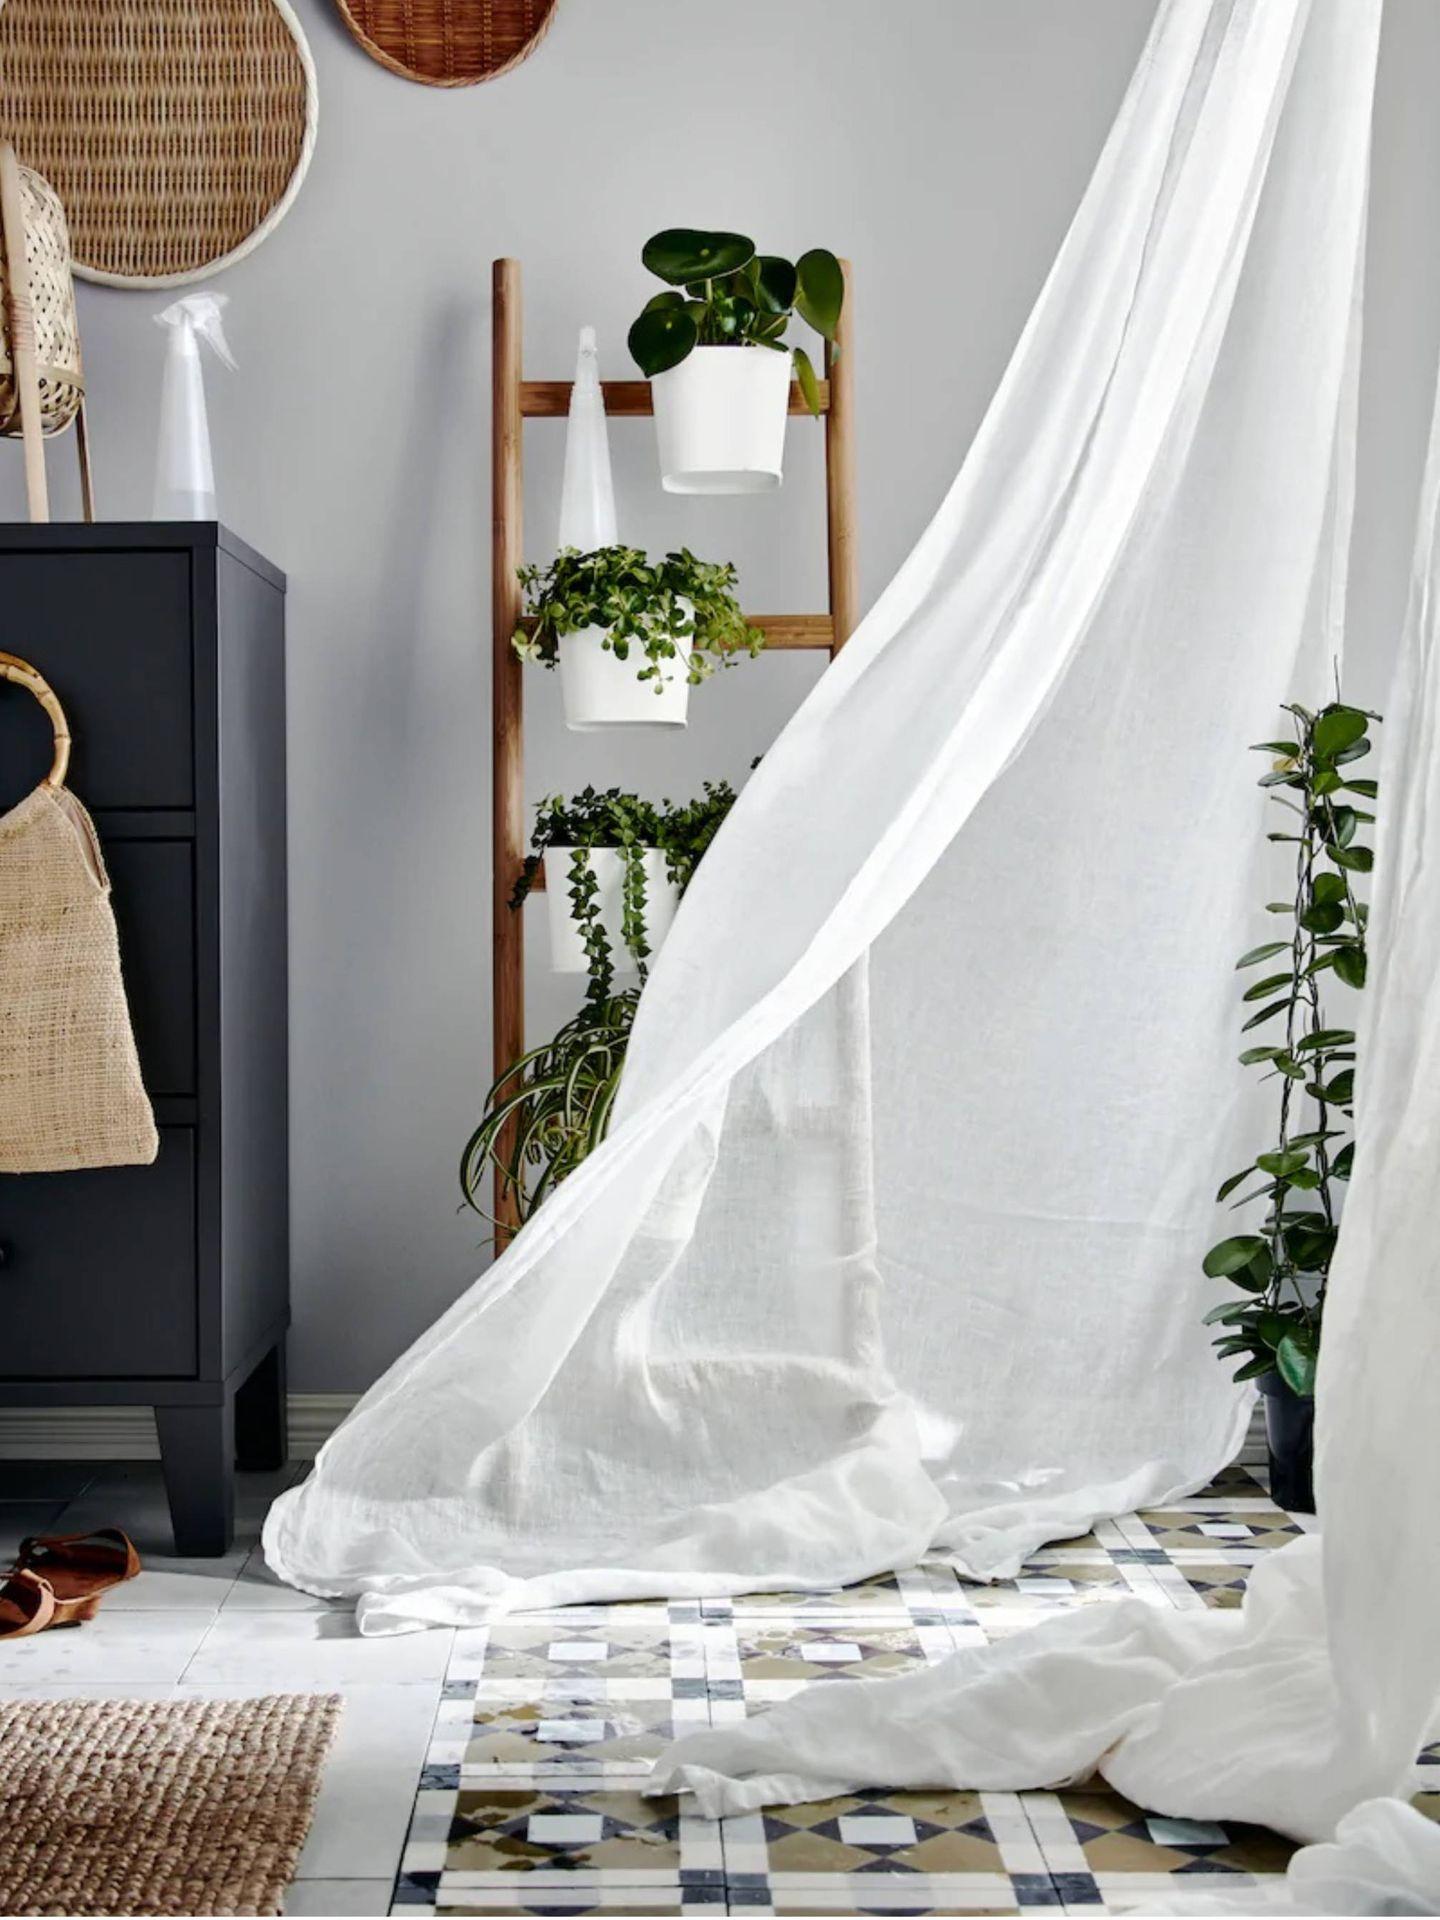 Ikea te ayuda a evitar el calor en casa. (Cortesía)